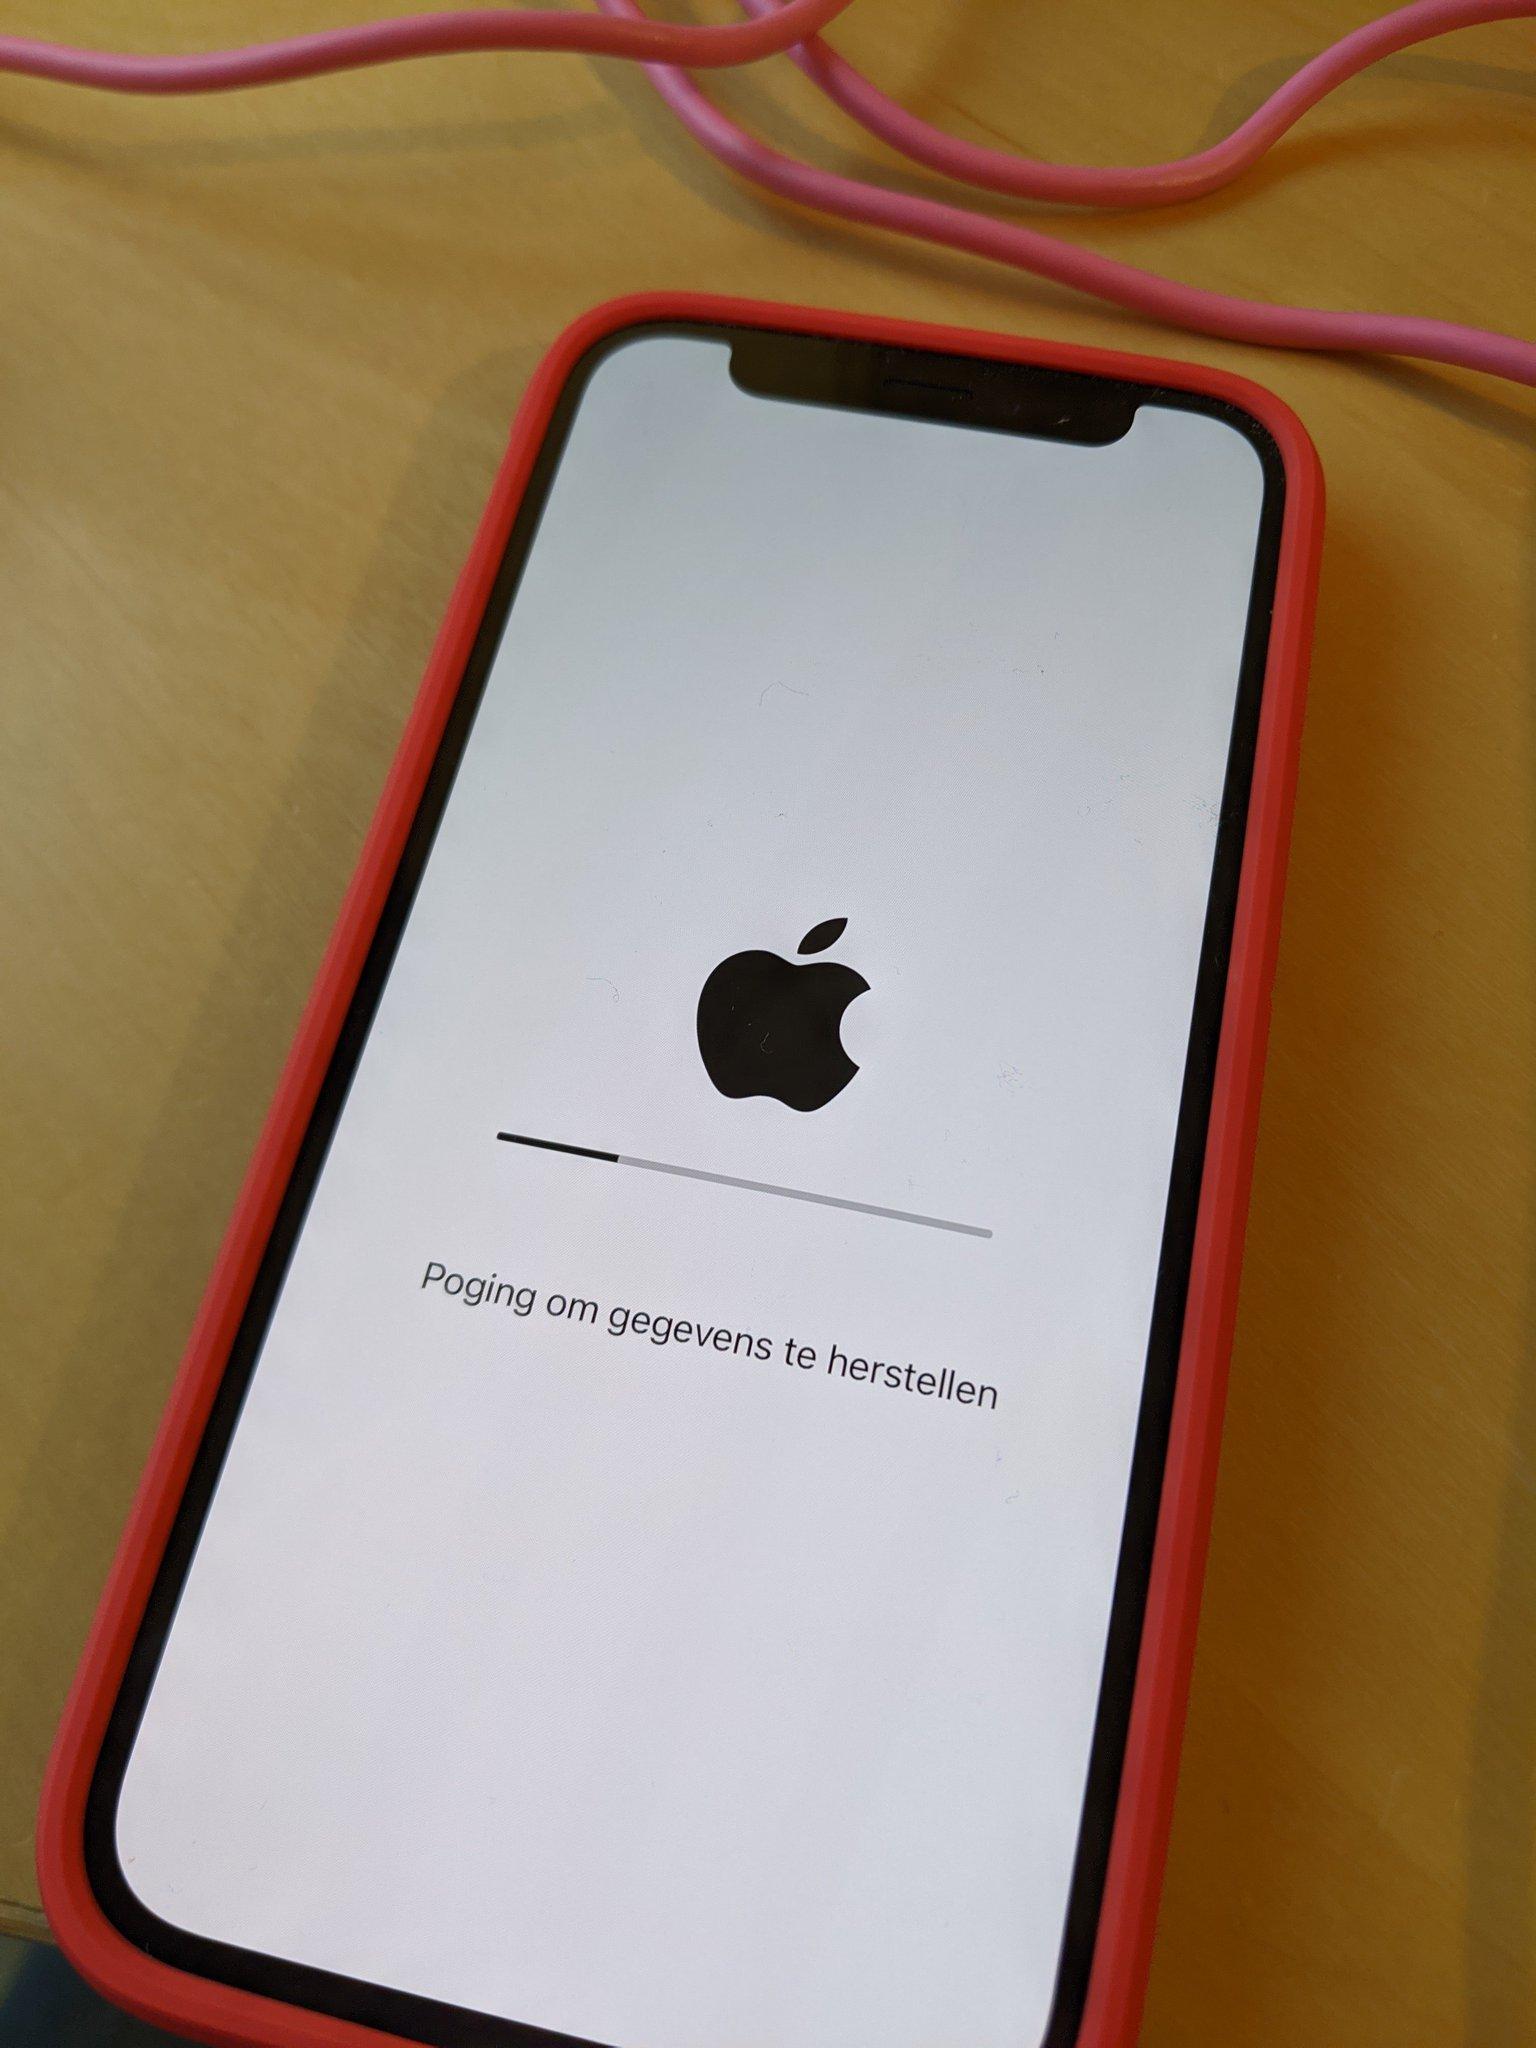 iPhone die probeert om gegevens te herstellen